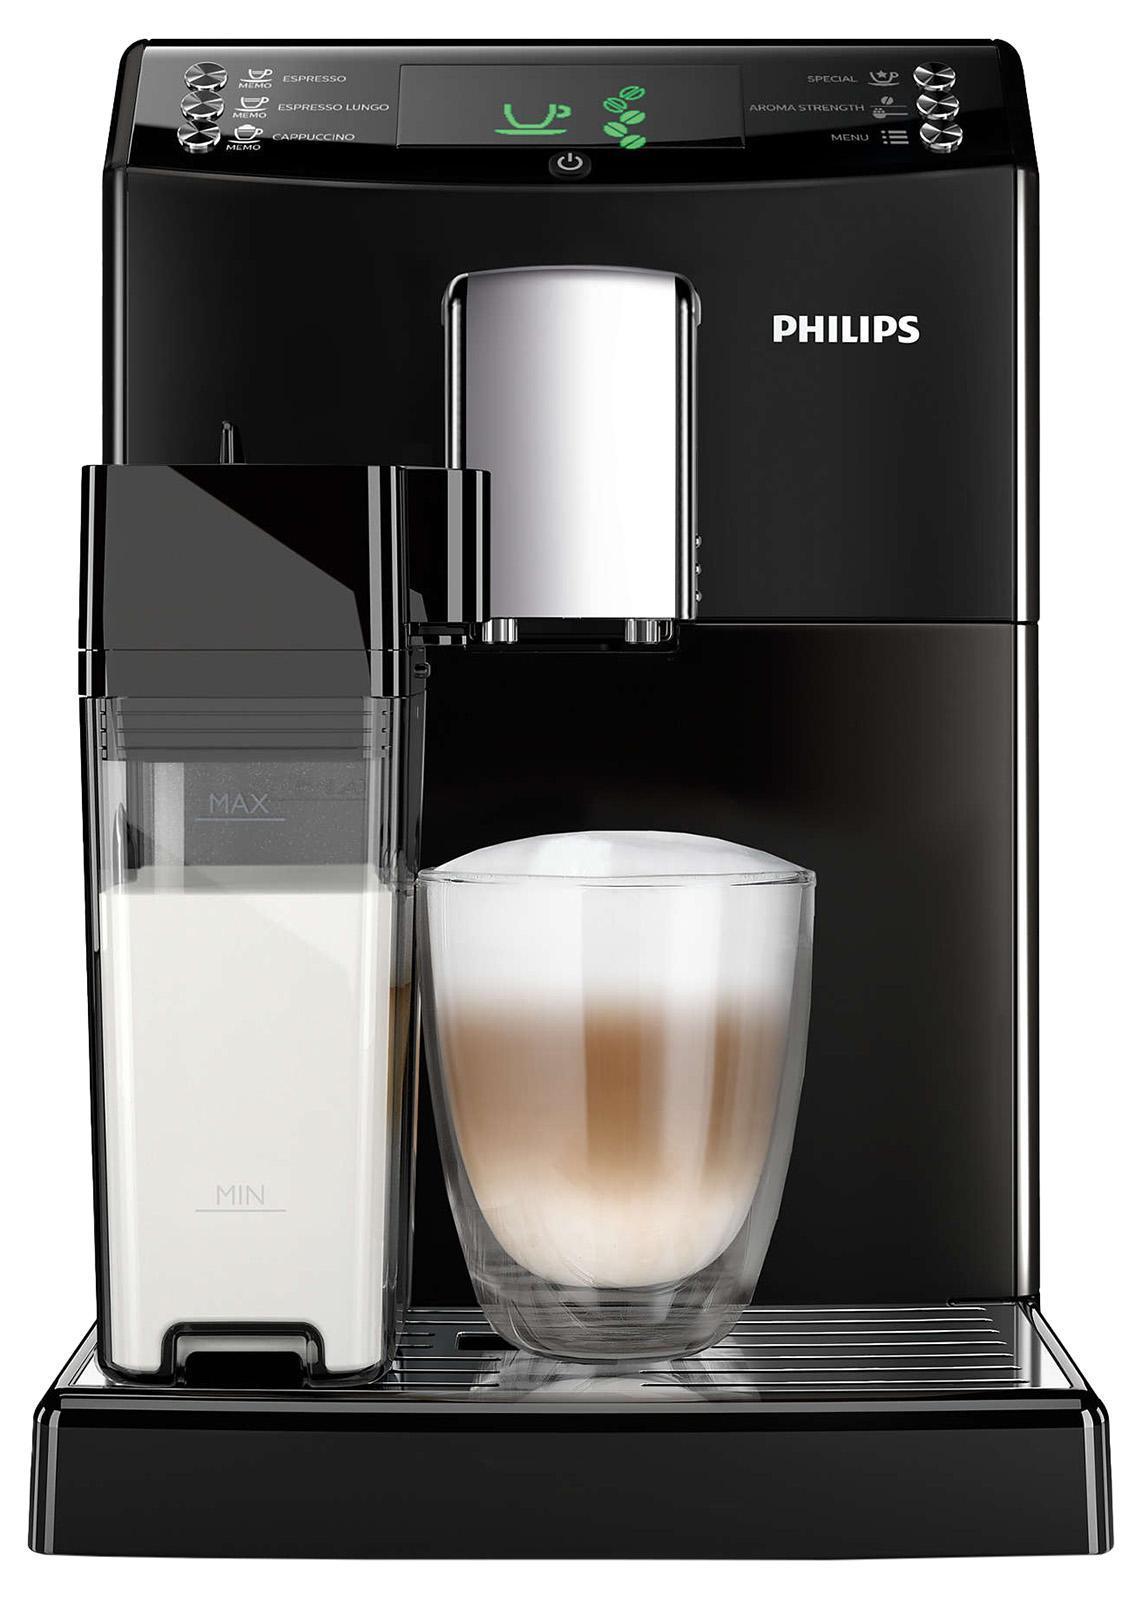 Philips HD8828/09 кофемашинаHD8828/09Эспрессо из свежемолотых кофейных зерен простым нажатием кнопки.Приготовьте одну или сразу две порции превосходного эспрессо,сваренного из свежемолотых кофейных зерен, просто нажав на кнопку иподождав несколько секунд.Идеальный капучино с пышной молочнойпеной одним нажатием кнопки Наслаждаться превосходным капучино,приготовленным при идеальной температуре, теперь просто какникогда. Просто наполните молочный кувшин и присоедините его ккофемашине, затем выберите свой напиток. Будет ли это капучино или простовзбитое молоко, приготовление займет всего несколько секунд. Приэтом не будет никаких брызг.Потрясающий вкус благодаря 100%-нокерамическим жерновам Забудьте о жженом привкусе кофе благодаря100%-но керамическим жерновам, которые не перегревают зерна.Керамика гарантирует долгий срок службы и бесшумную работу.Регулируемые настройки помола для идеального вкуса кофе Выберите одну изпяти степеней помола на ваш вкус — от самого тонкого дляприготовления насыщенного крепкого эспрессо до самого грубого для болеелегкого вкуса.Приготовьте кофе по своему вкусу, выбрав нужную крепость Вы всегда сможете приготовить идеальный кофе в соответствии с вашими личными предпочтениями благодаря настройкам температуры, объема и крепости. Кроме того, с помощью функции памяти можно сохранить разный объем для каждого напитка. Наслаждайтесь превосходным качеством кофе, приготовленным всего одним нажатием кнопки.Интуитивно понятный дисплей для простого управления кофемашиной На интуитивно понятном дисплее отображается вся необходимая информация, благодаря чему вы сможете легко управлять кофемашиной и готовить идеальные кофейные напитки. Кнопки на фронтальной панели обозначают кофейные напитки, которые находятся в одном нажатии от вас.Вы сможете использовать чашку любого размера благодаря регулируемому носику подачи кофе Положение носика подачи кофе настраивается одним простым движением, поэтому вы сможете готовить горячий и ароматный кофе, используя чашку лю